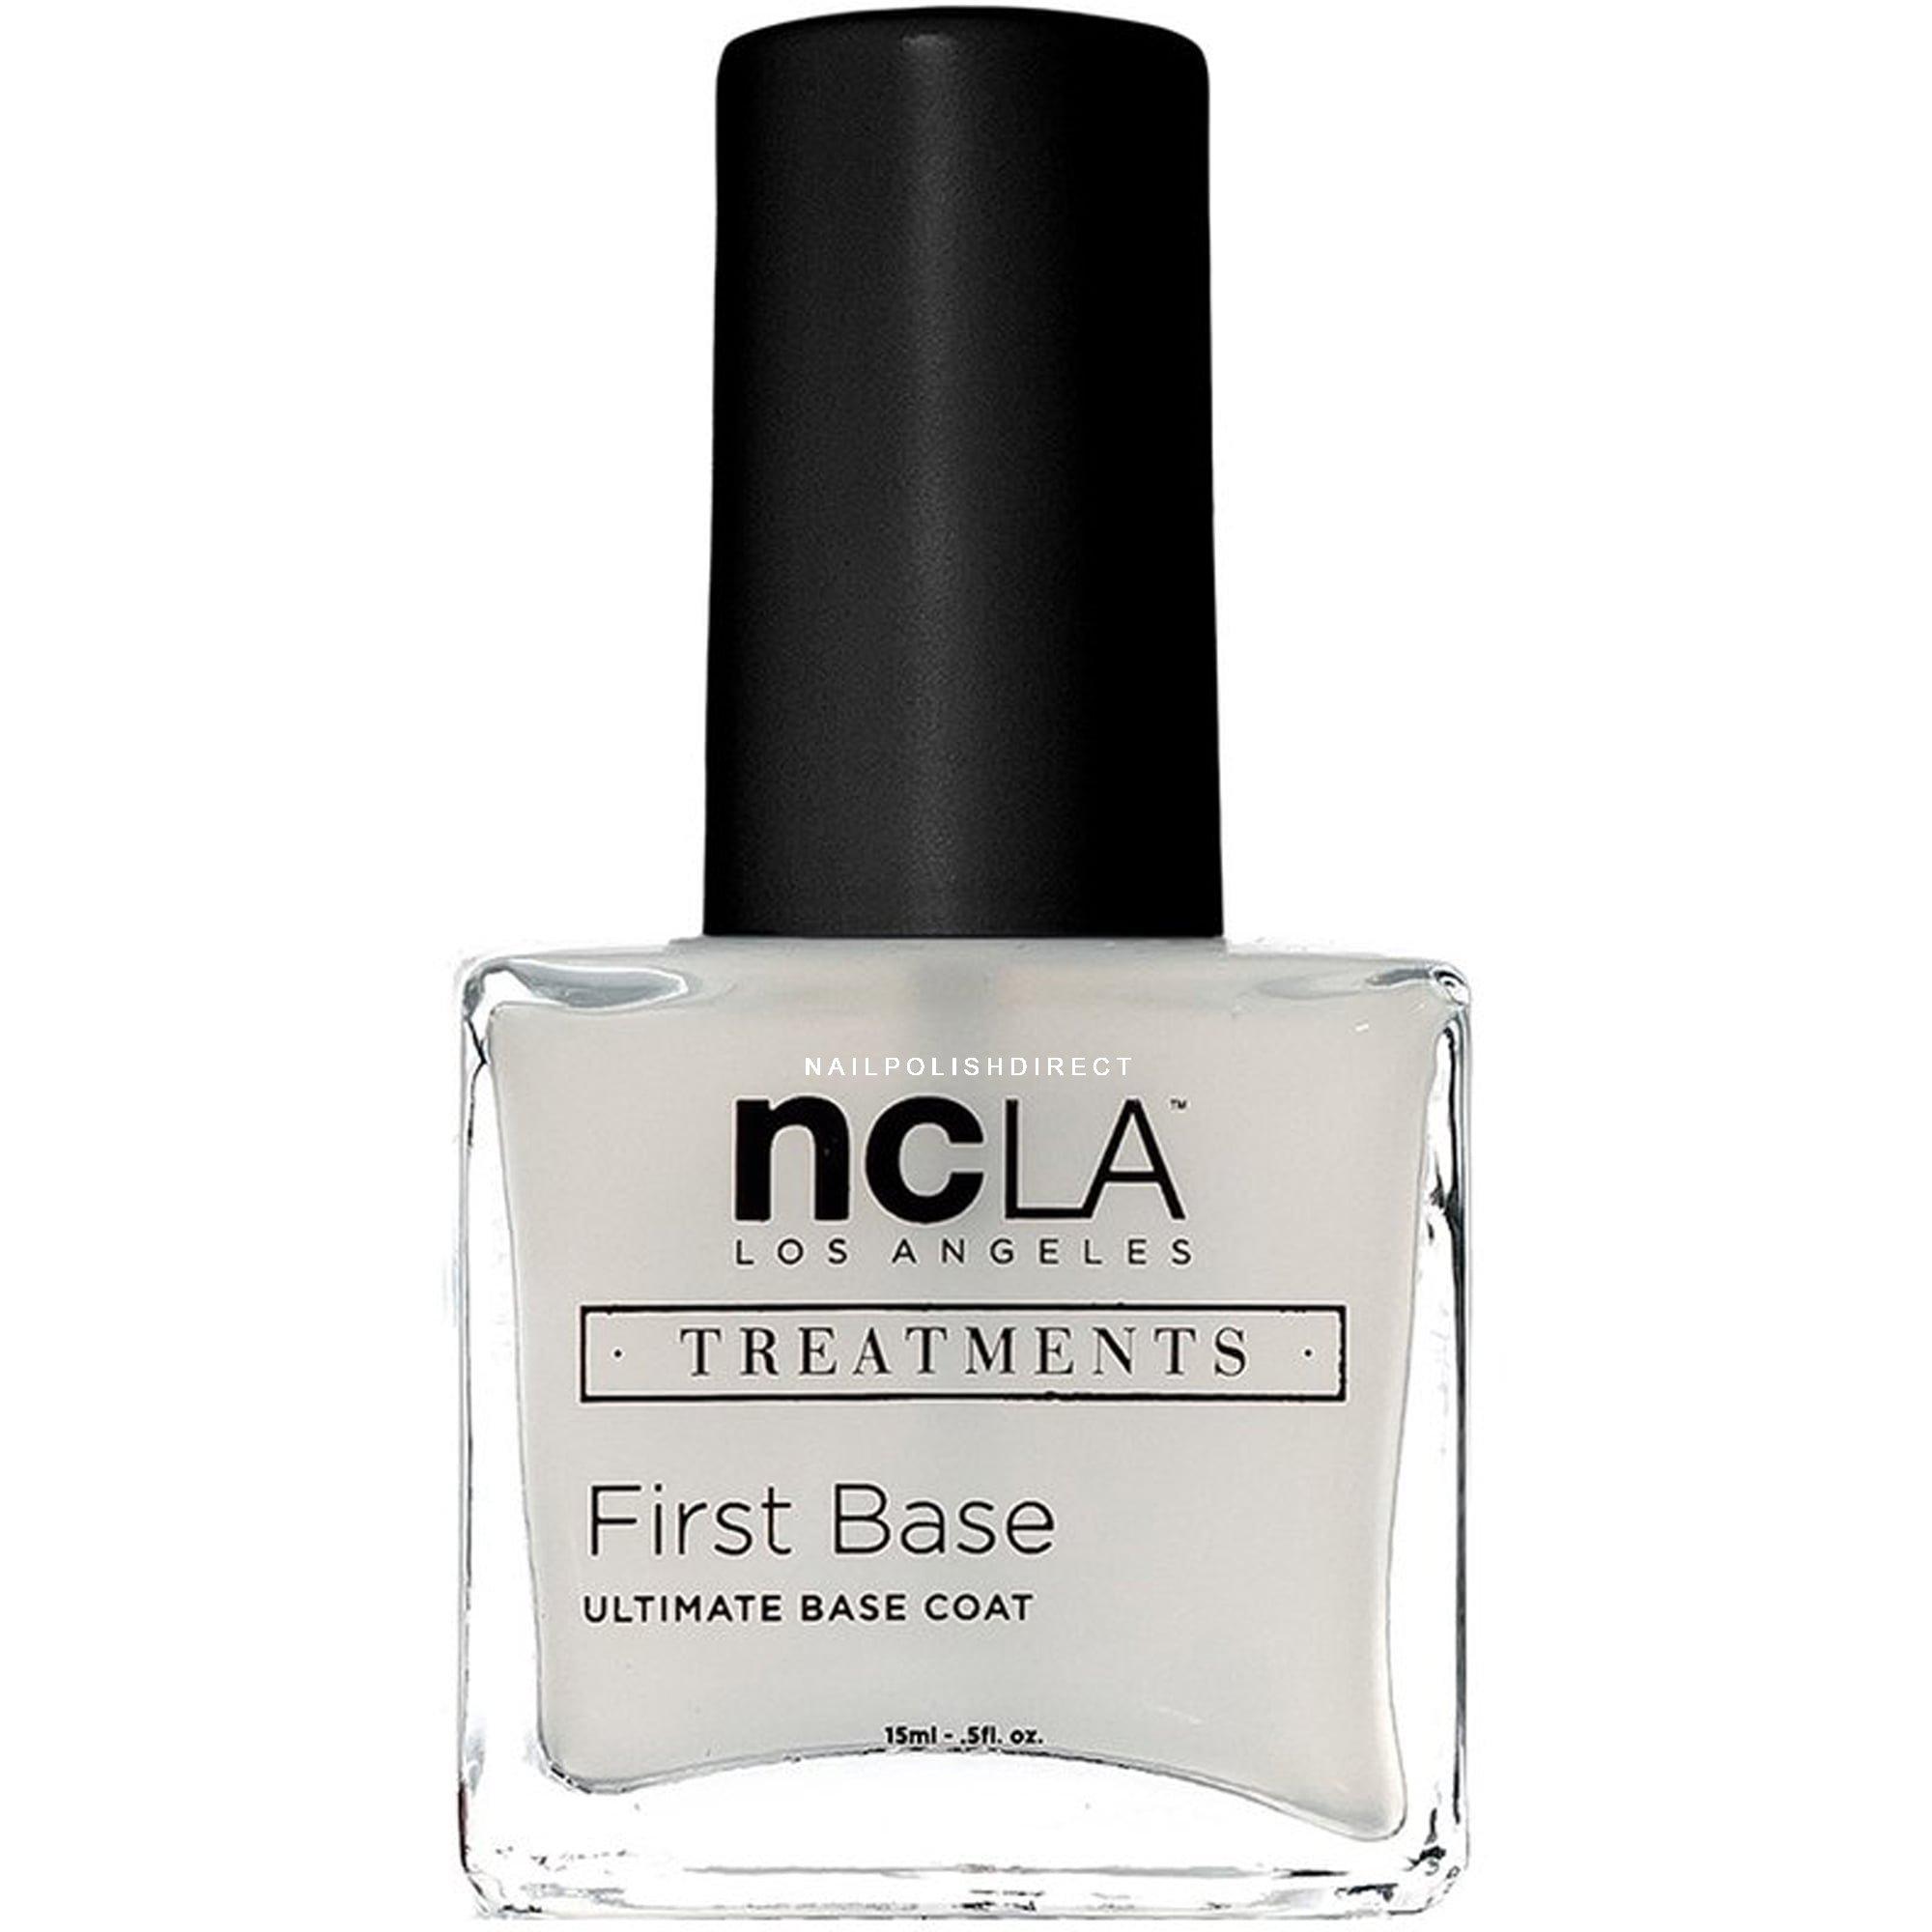 Base Coat Nail Polish: NCLA Nail Polish Collection Treatment Nail Base Coat First